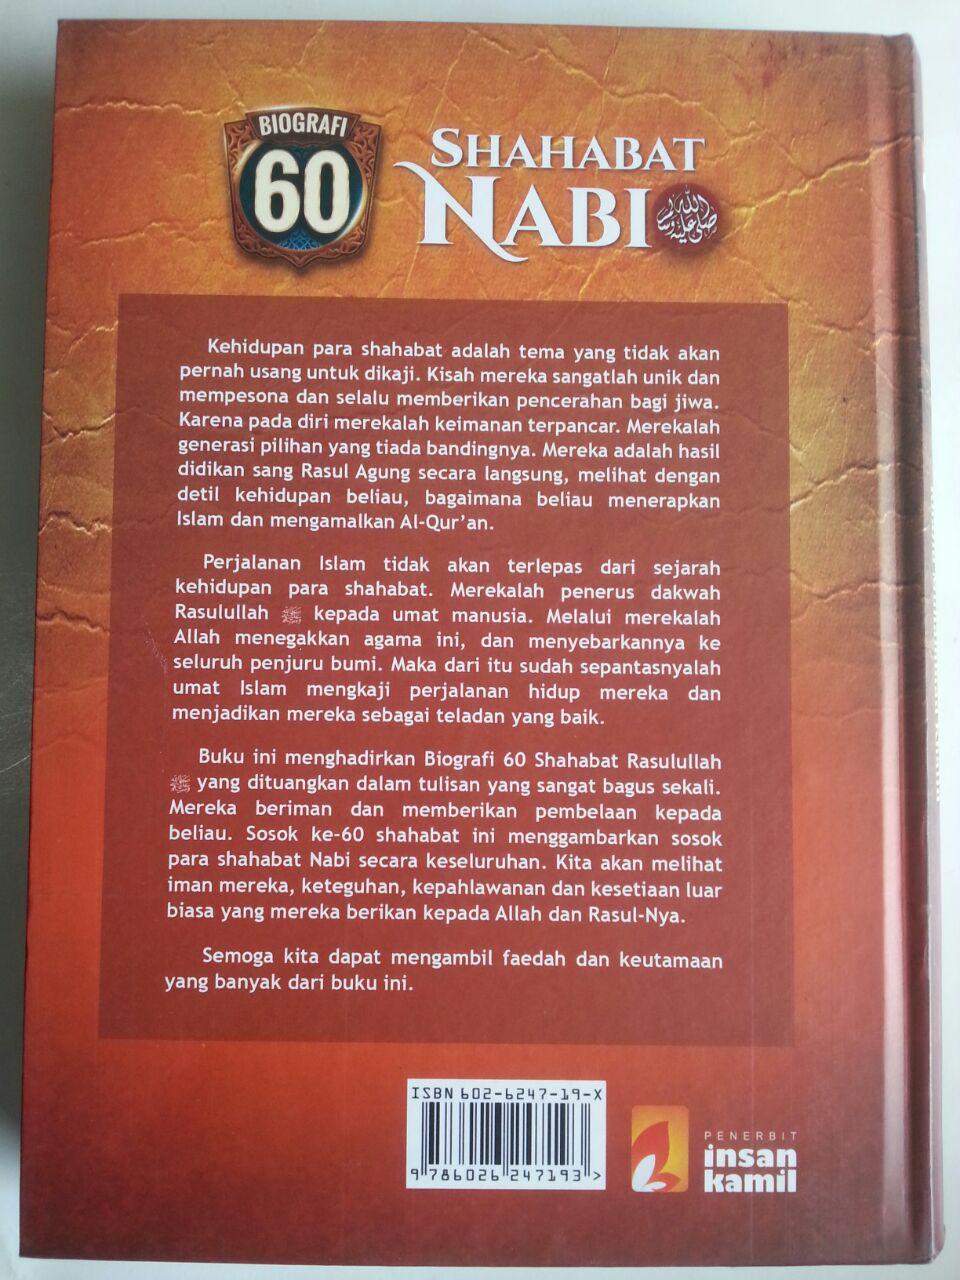 Buku Biografi 60 Shahabat Nabi cover